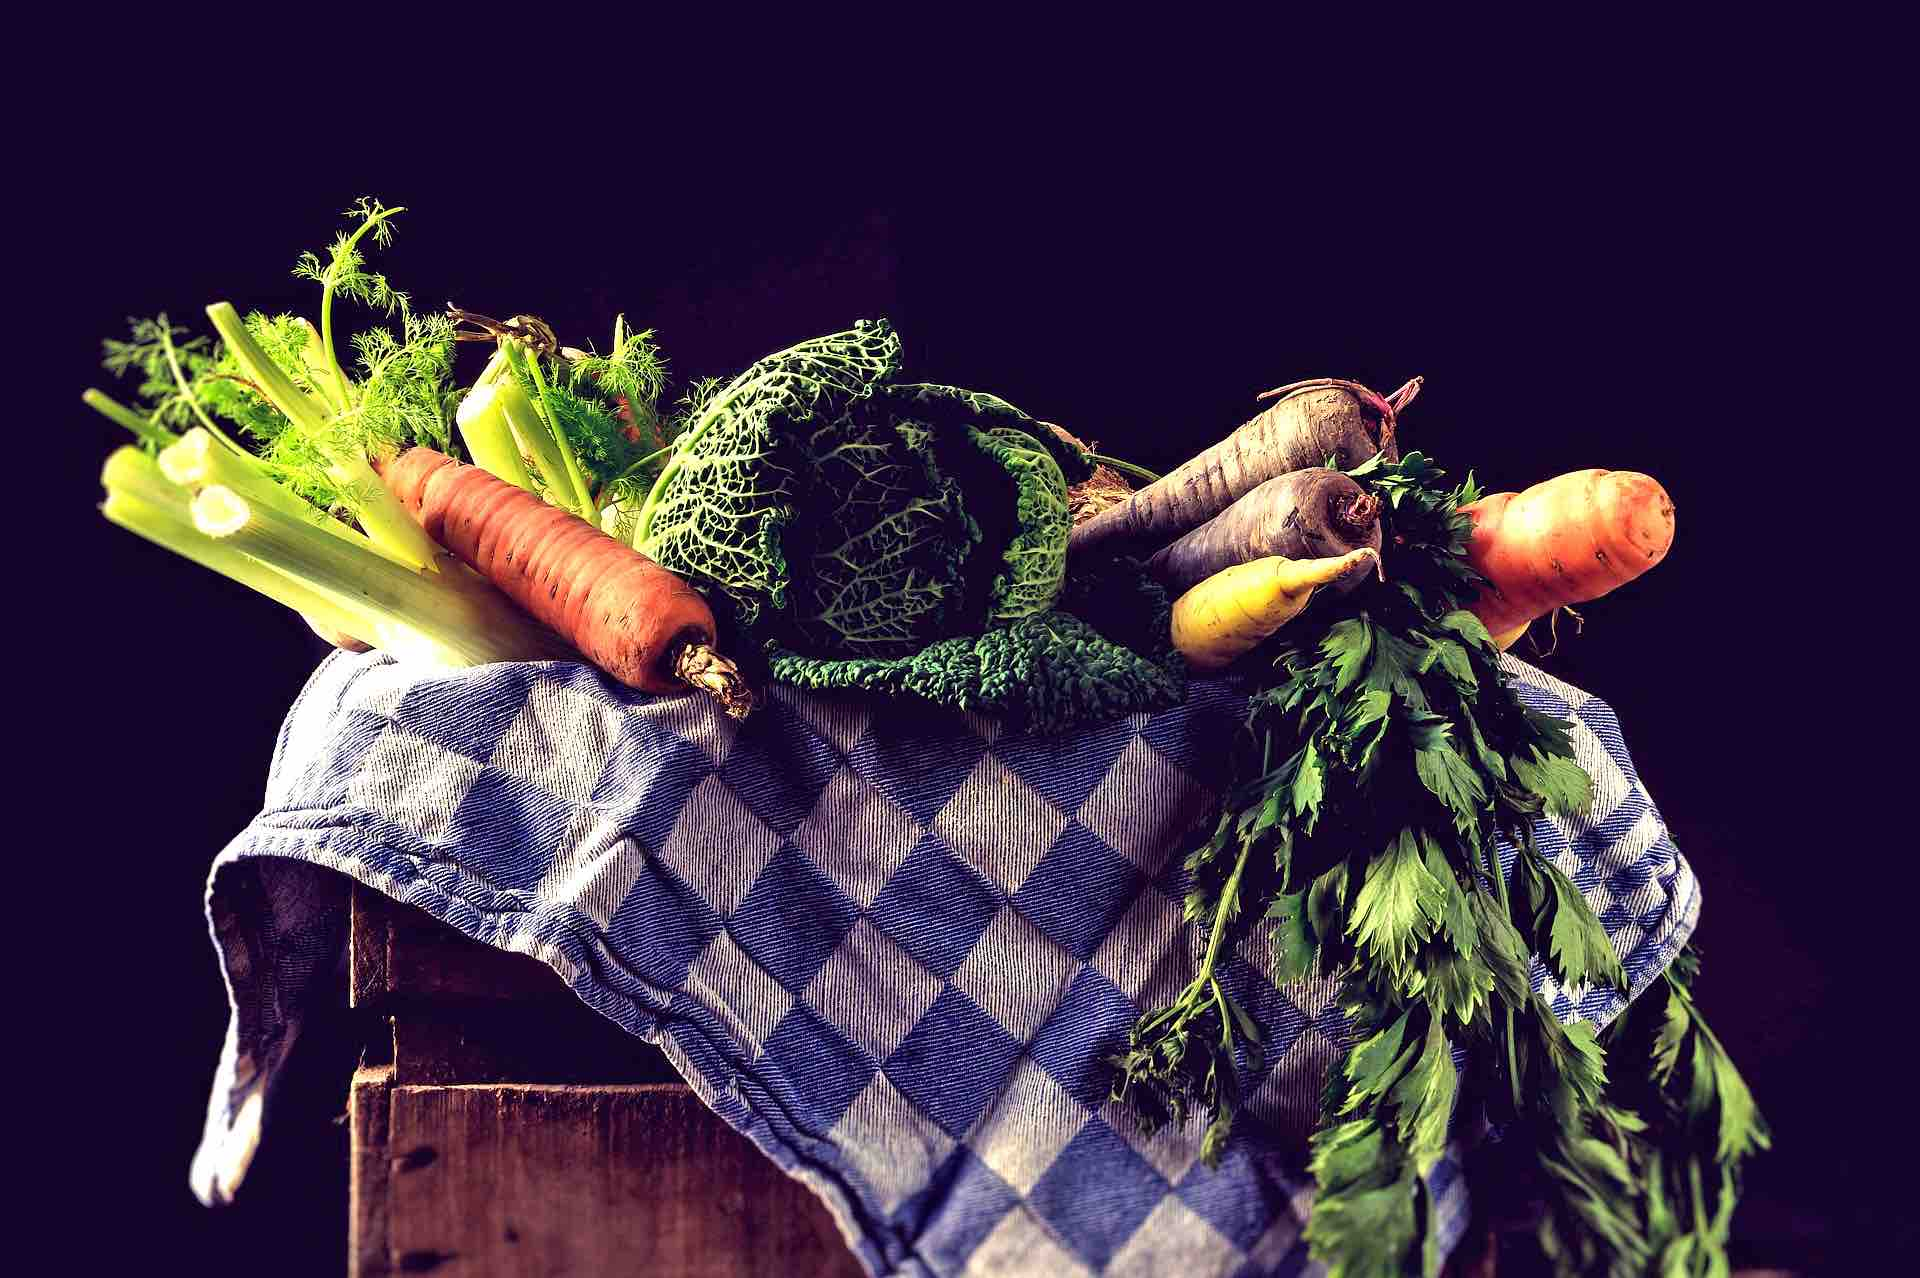 Corso Di Specializzazione 2018-19 In Fotografia Di Food: Fotografare Il Cibo Editoria, Marketing Pubblicitario, Social Communication, Arte